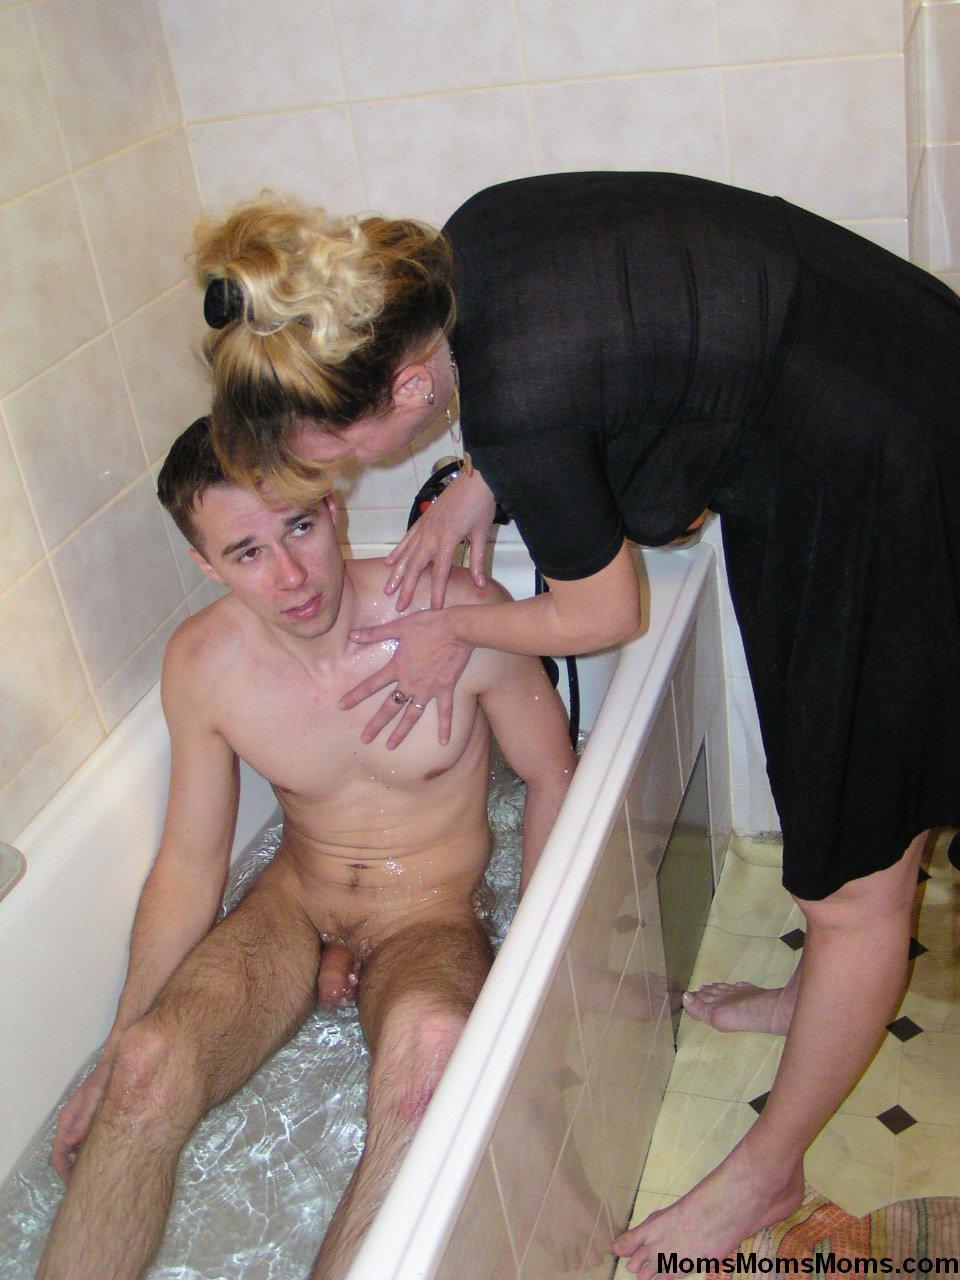 Син паставил скритий камира радителский спалний и смотрит как мама и папа занимаюца сексам парнуха бусурманский секс дамашний 3 фотография